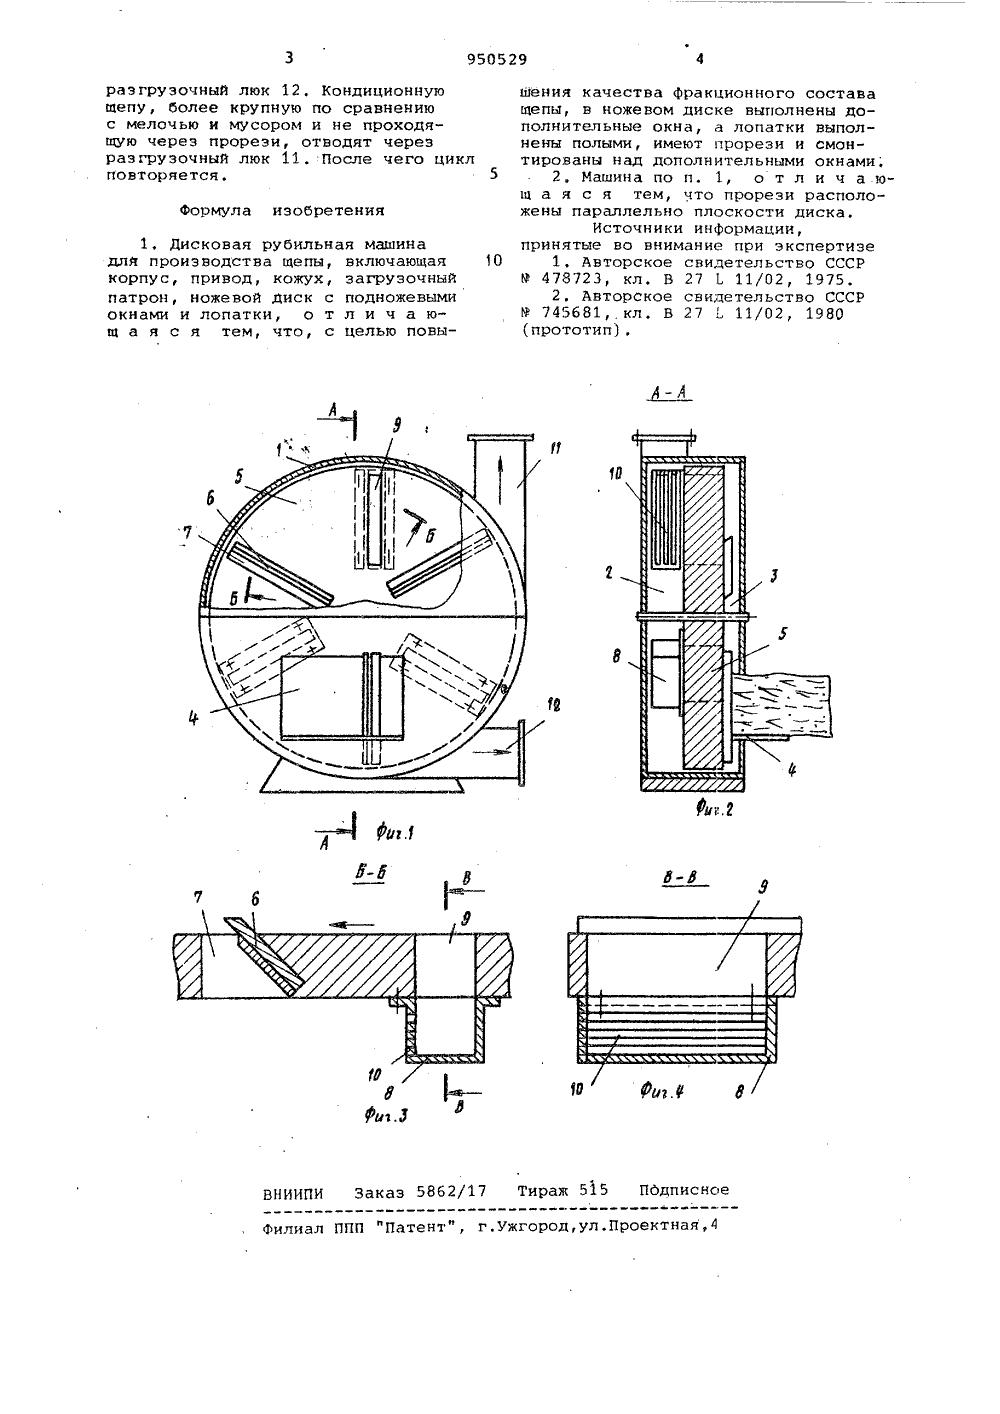 Рубильная машина для производства дров чертежи